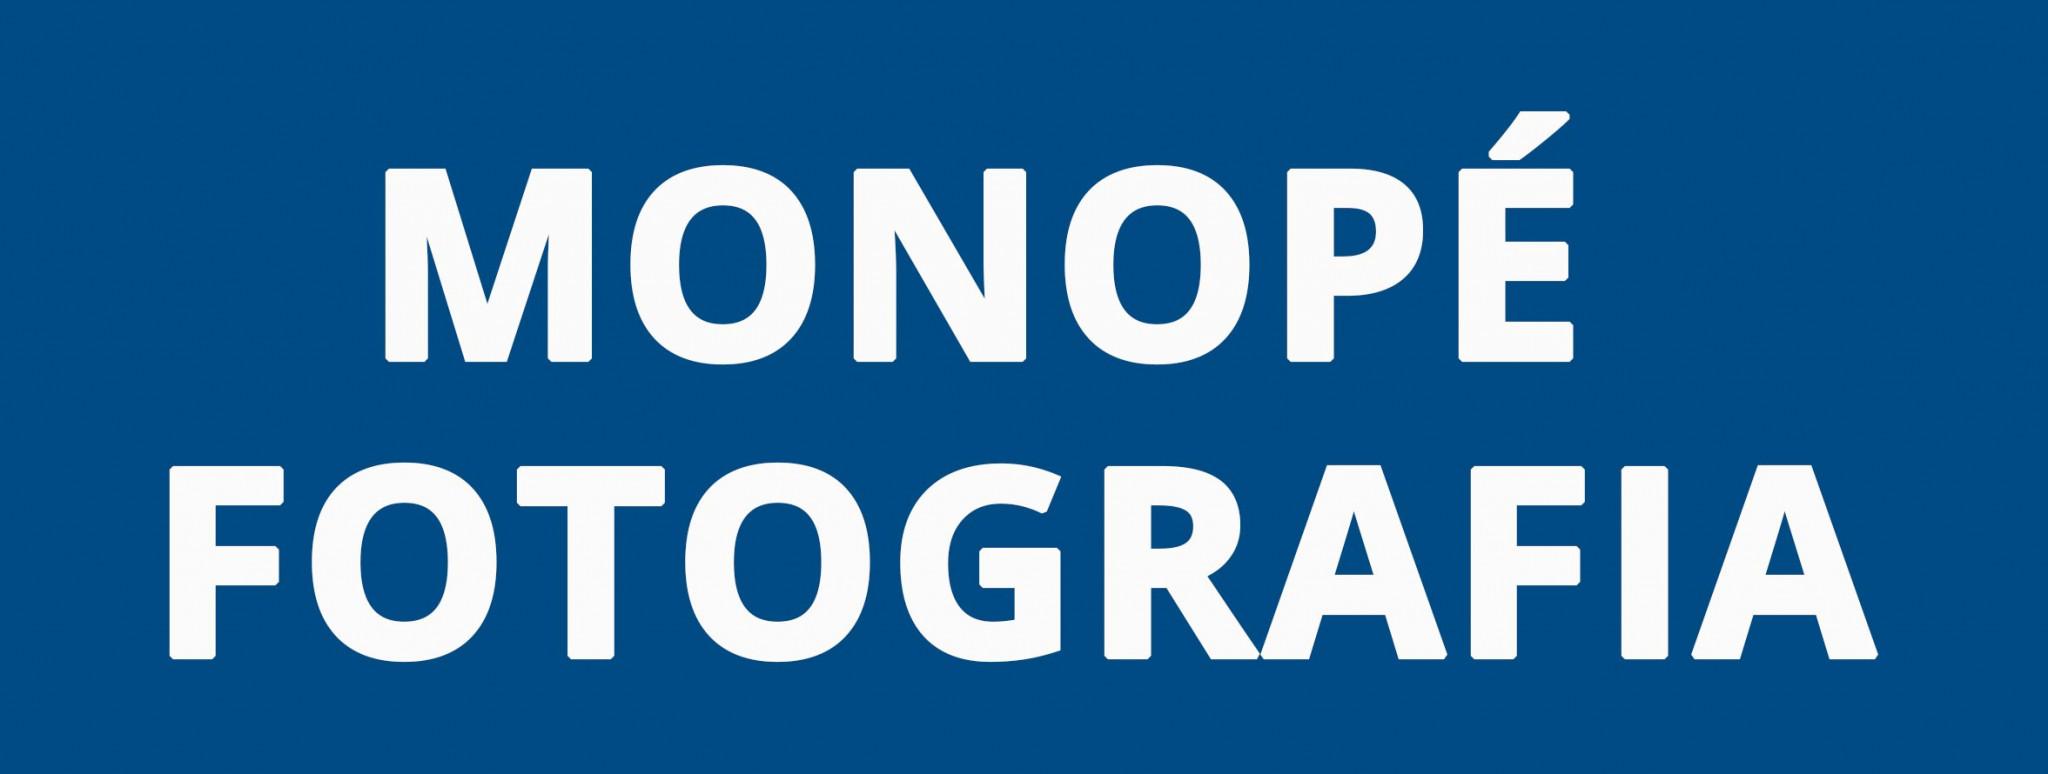 Monopé Fotografia